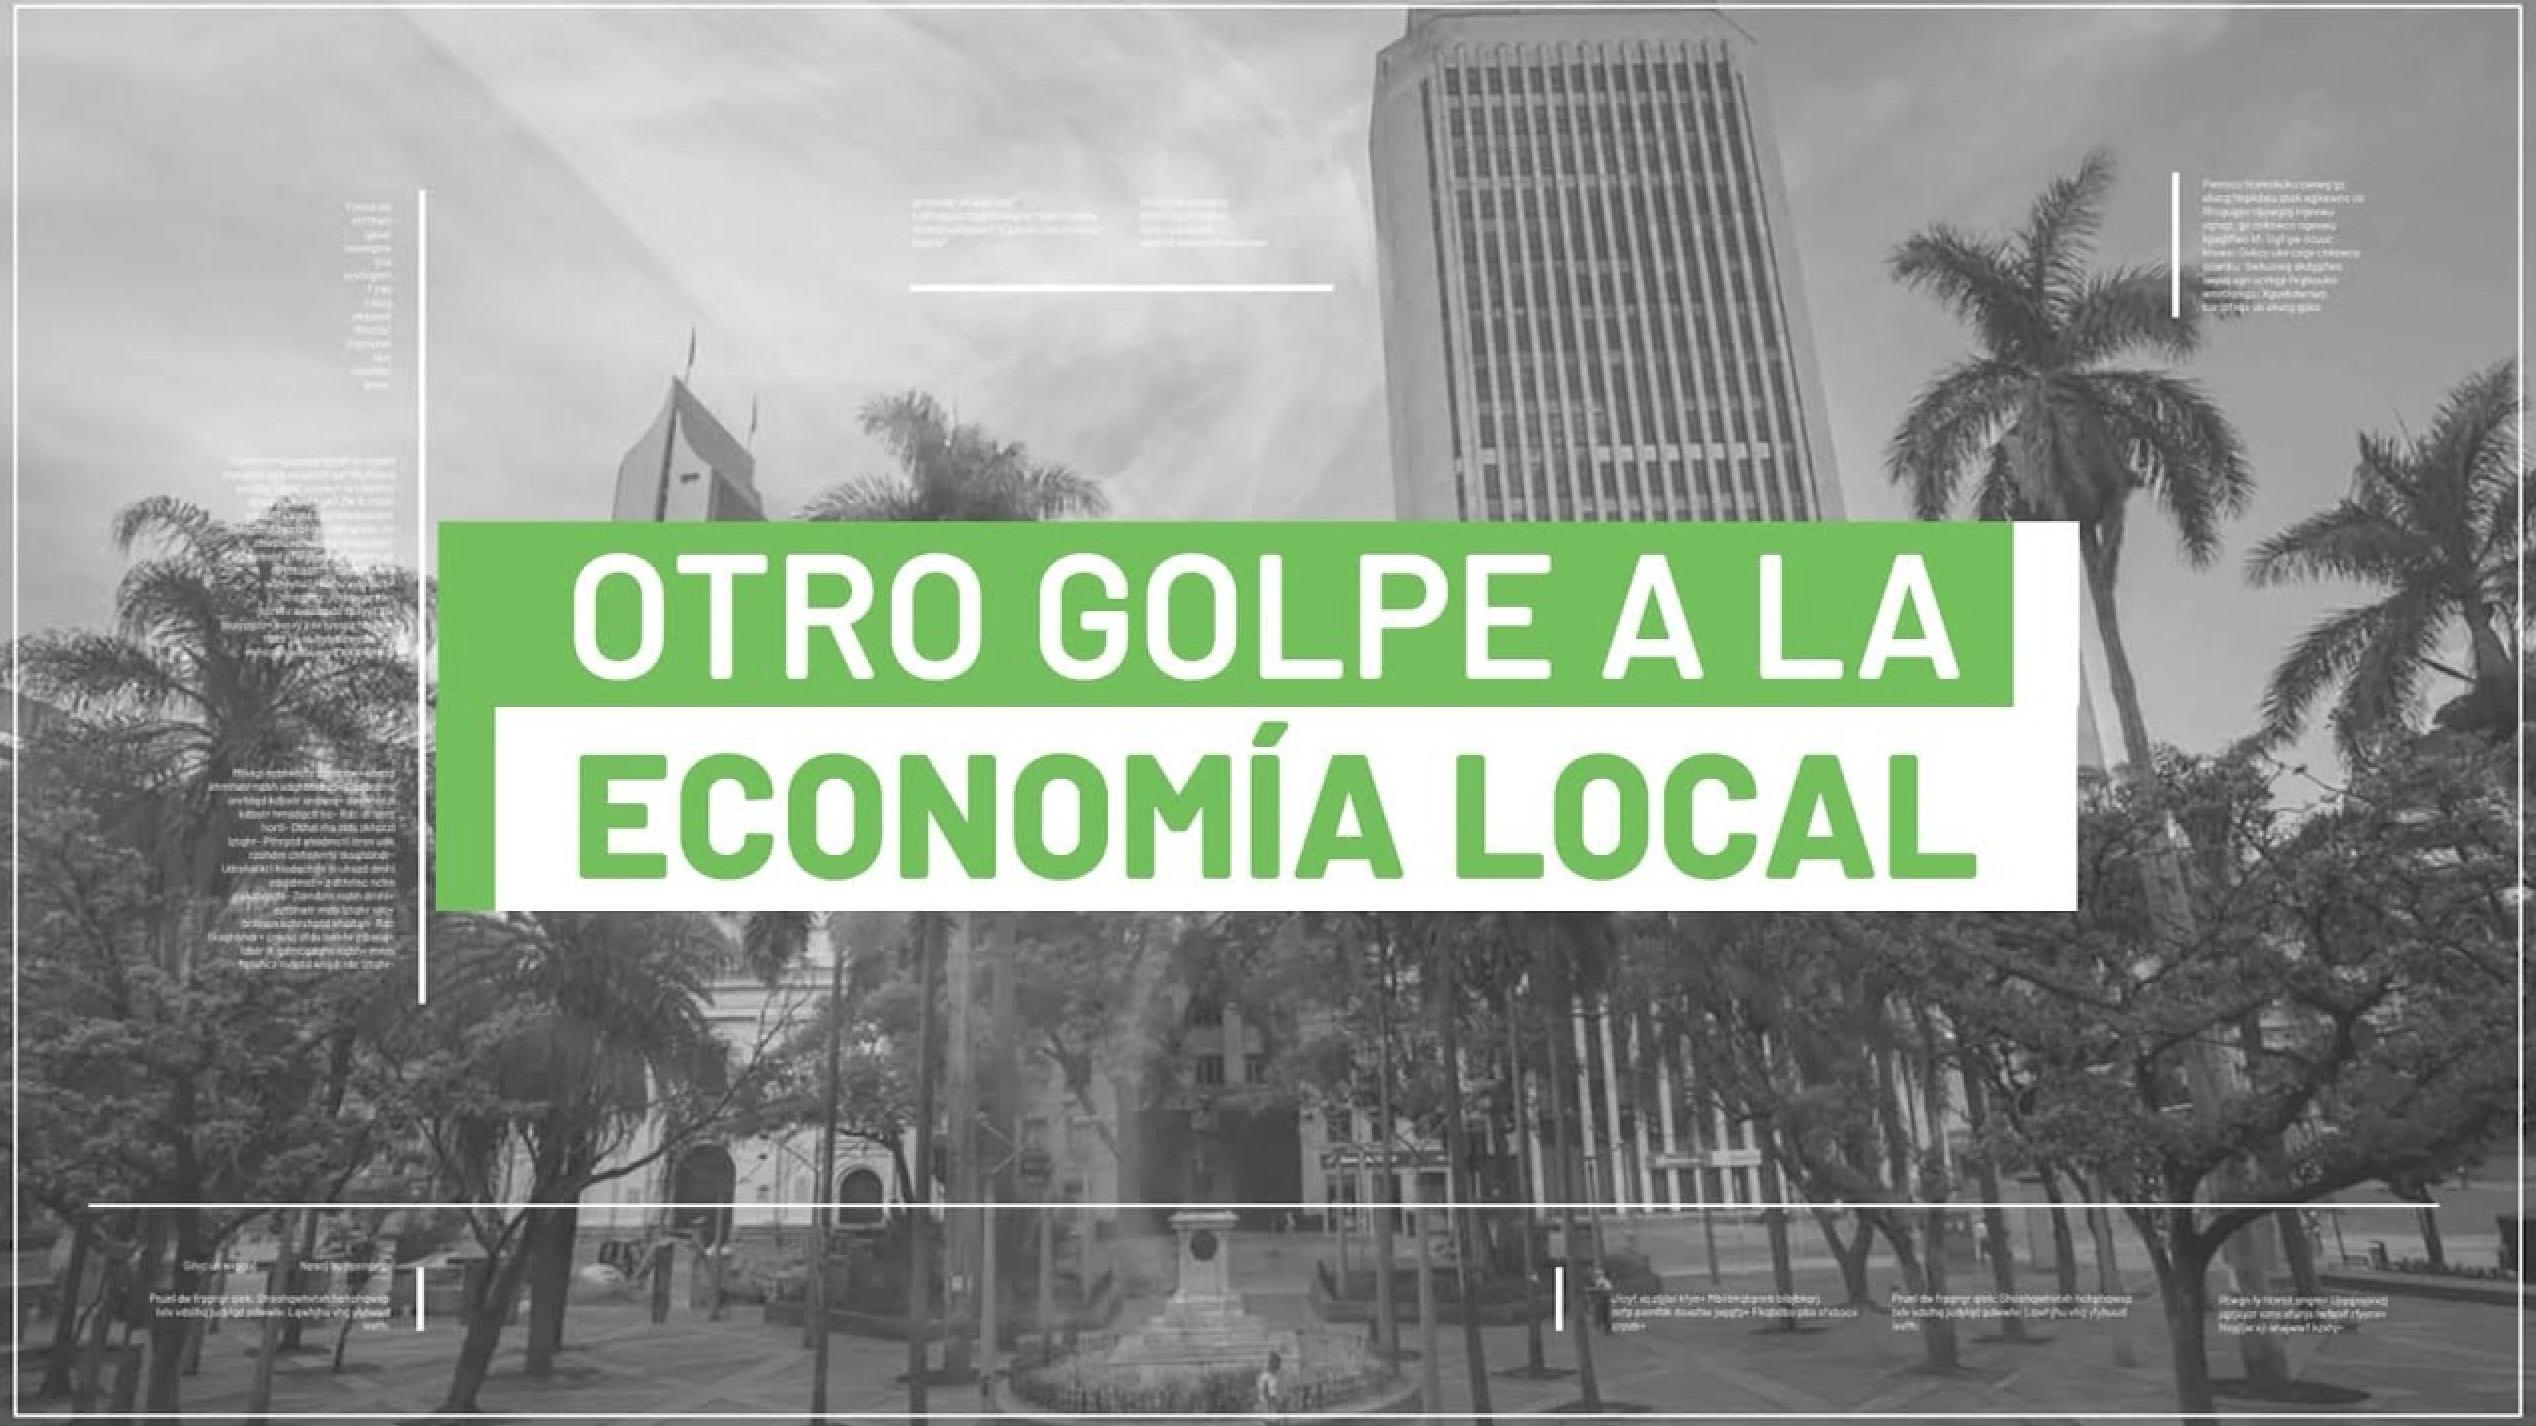 #EspecialesTA: Otro Golpe a la Economía Local, Parte 2